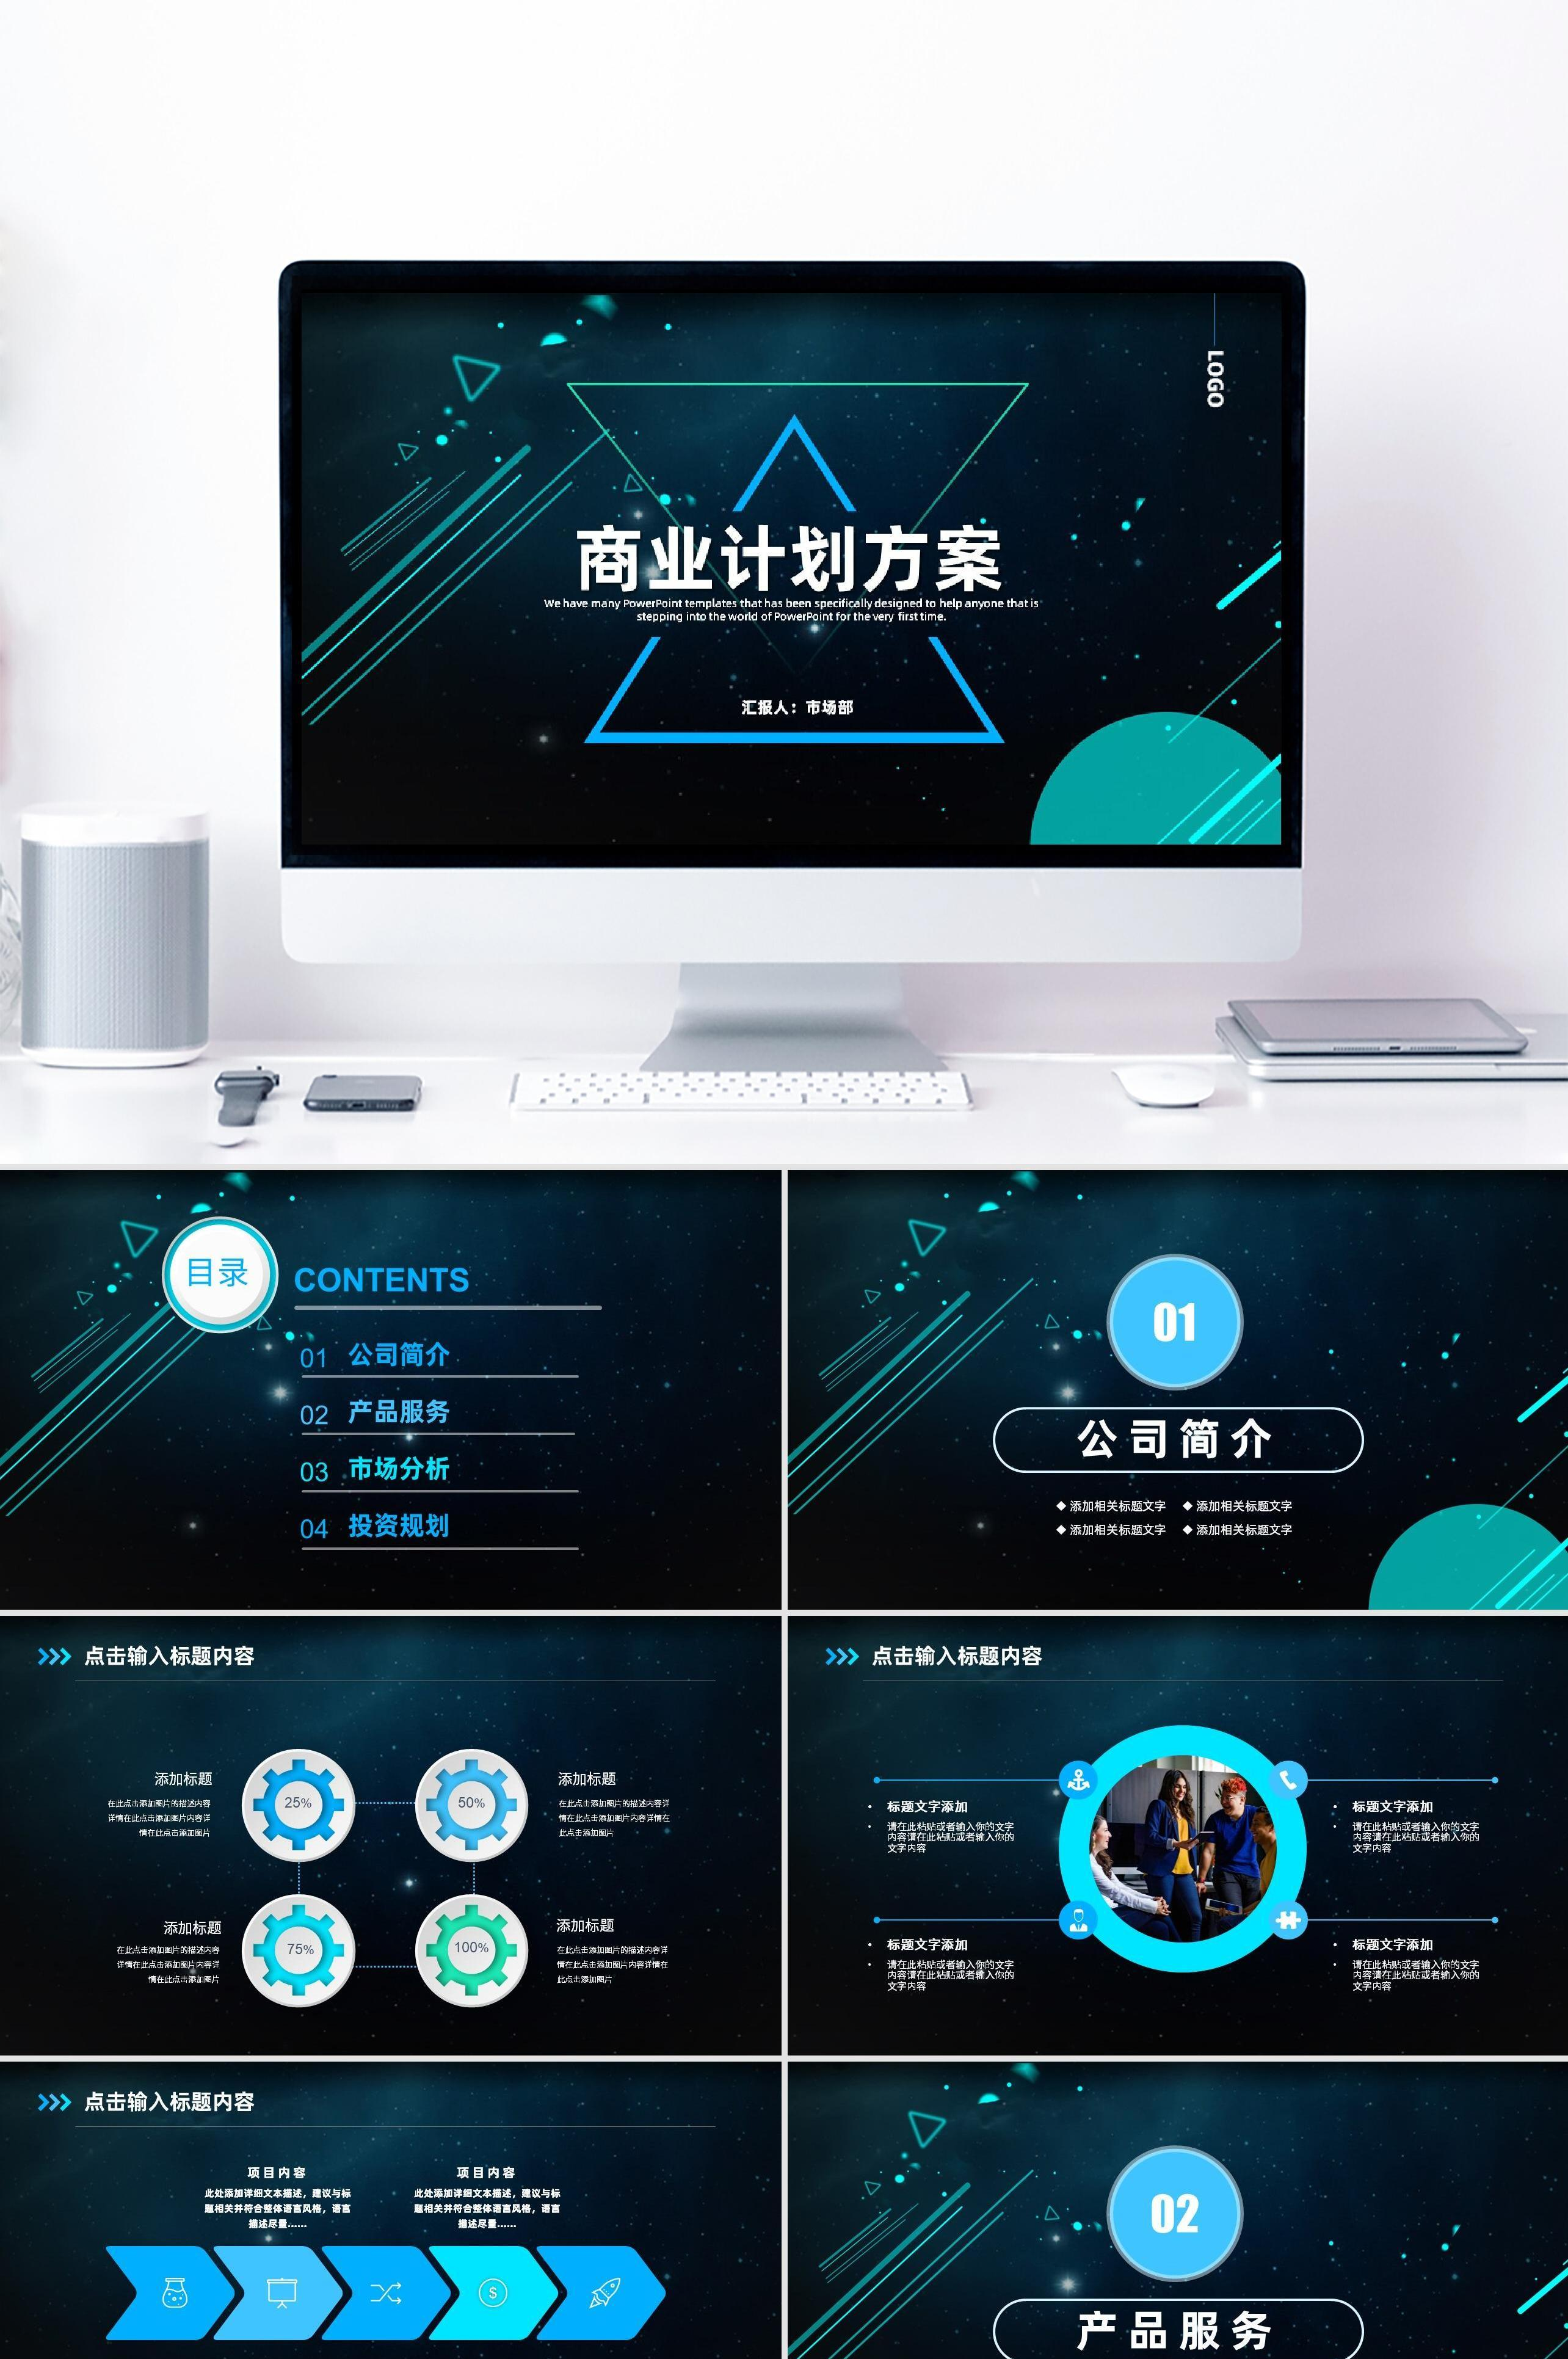 蓝色时尚线条风格商业计划方案PPT模板